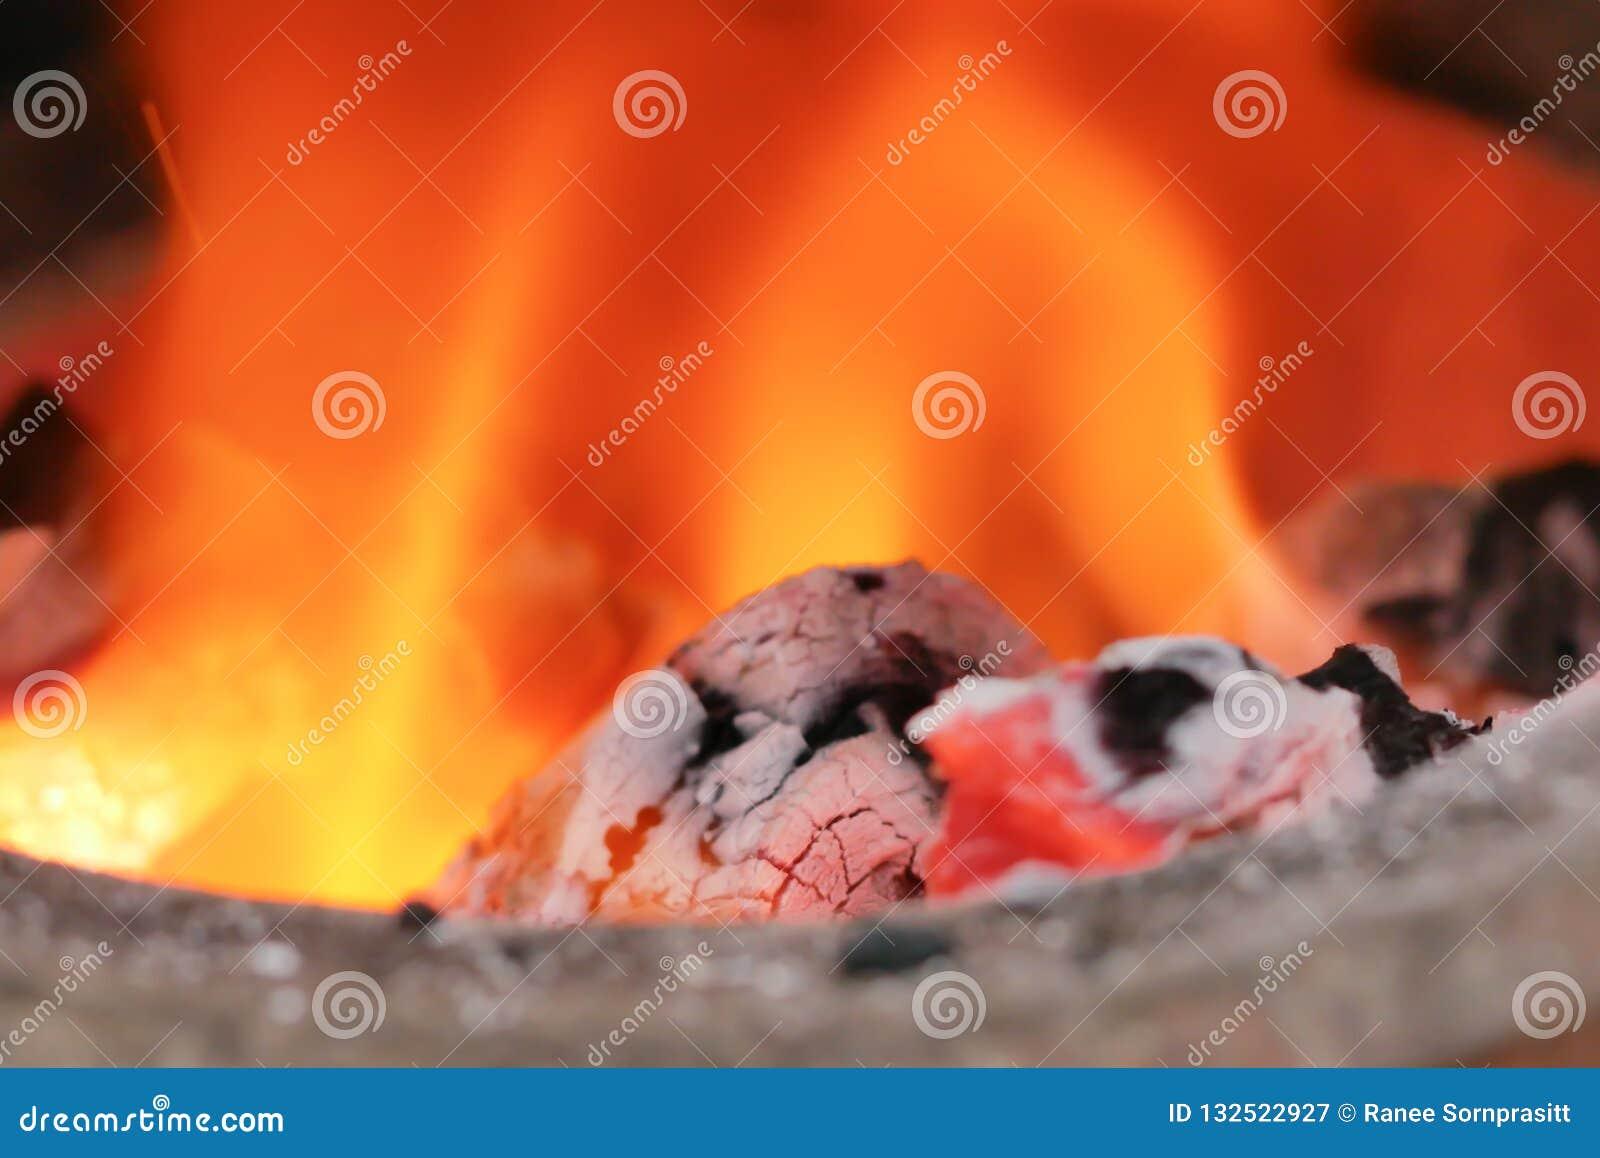 Stäng sig upp kol i branden